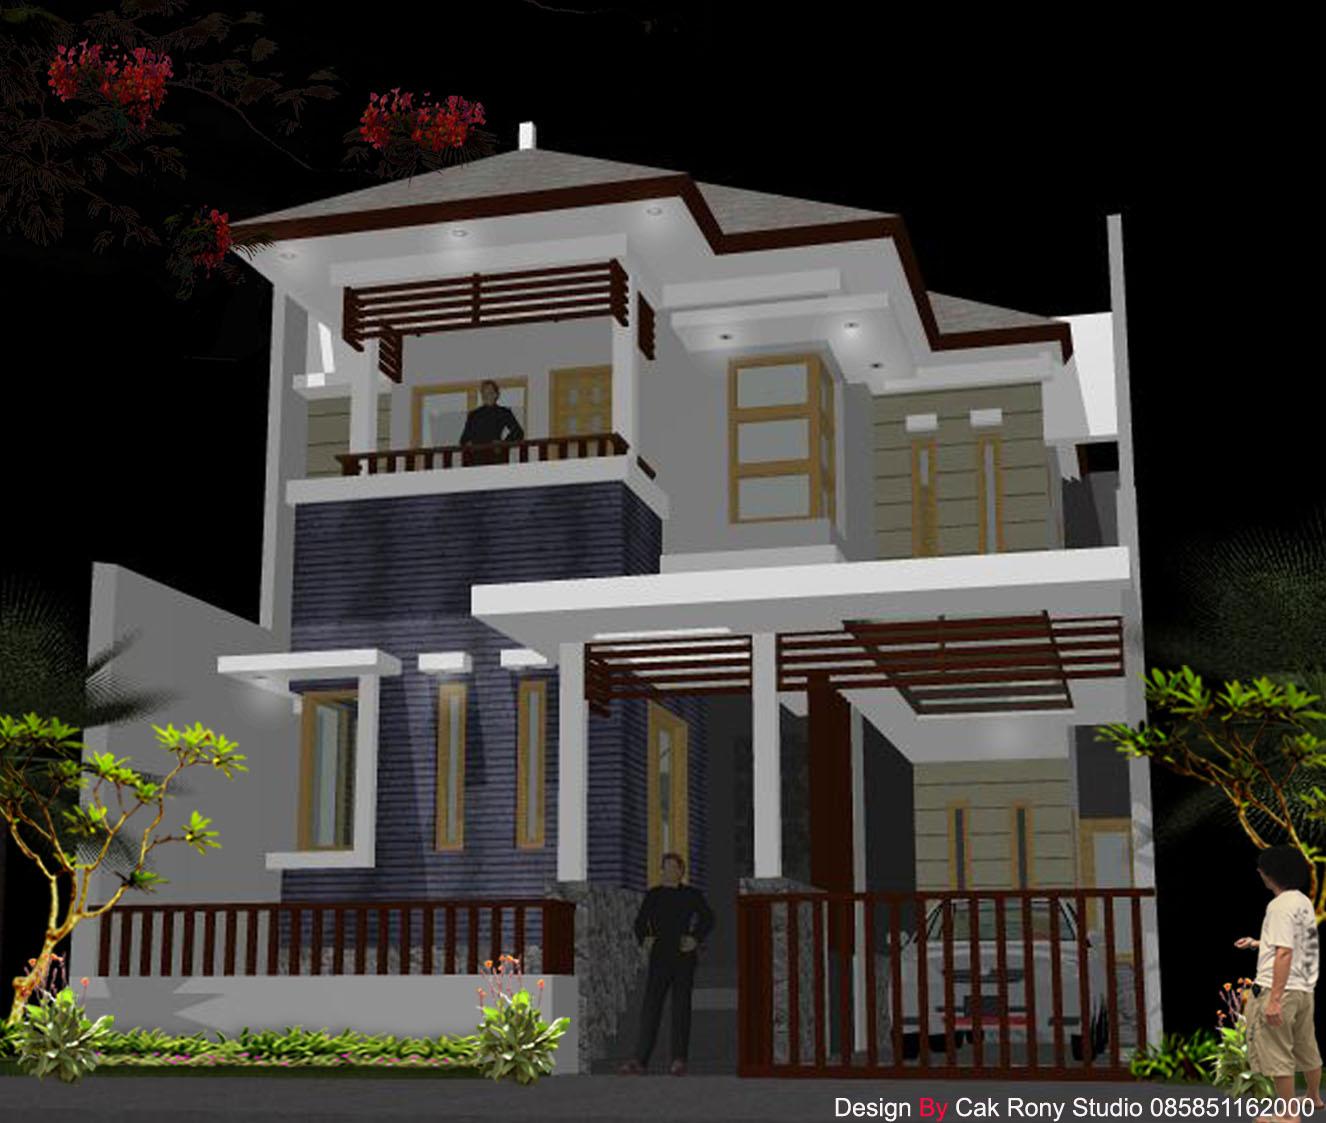 gambar rumah minimalis terbaru 3 gambar rumah minimalis terbaru 4 ...